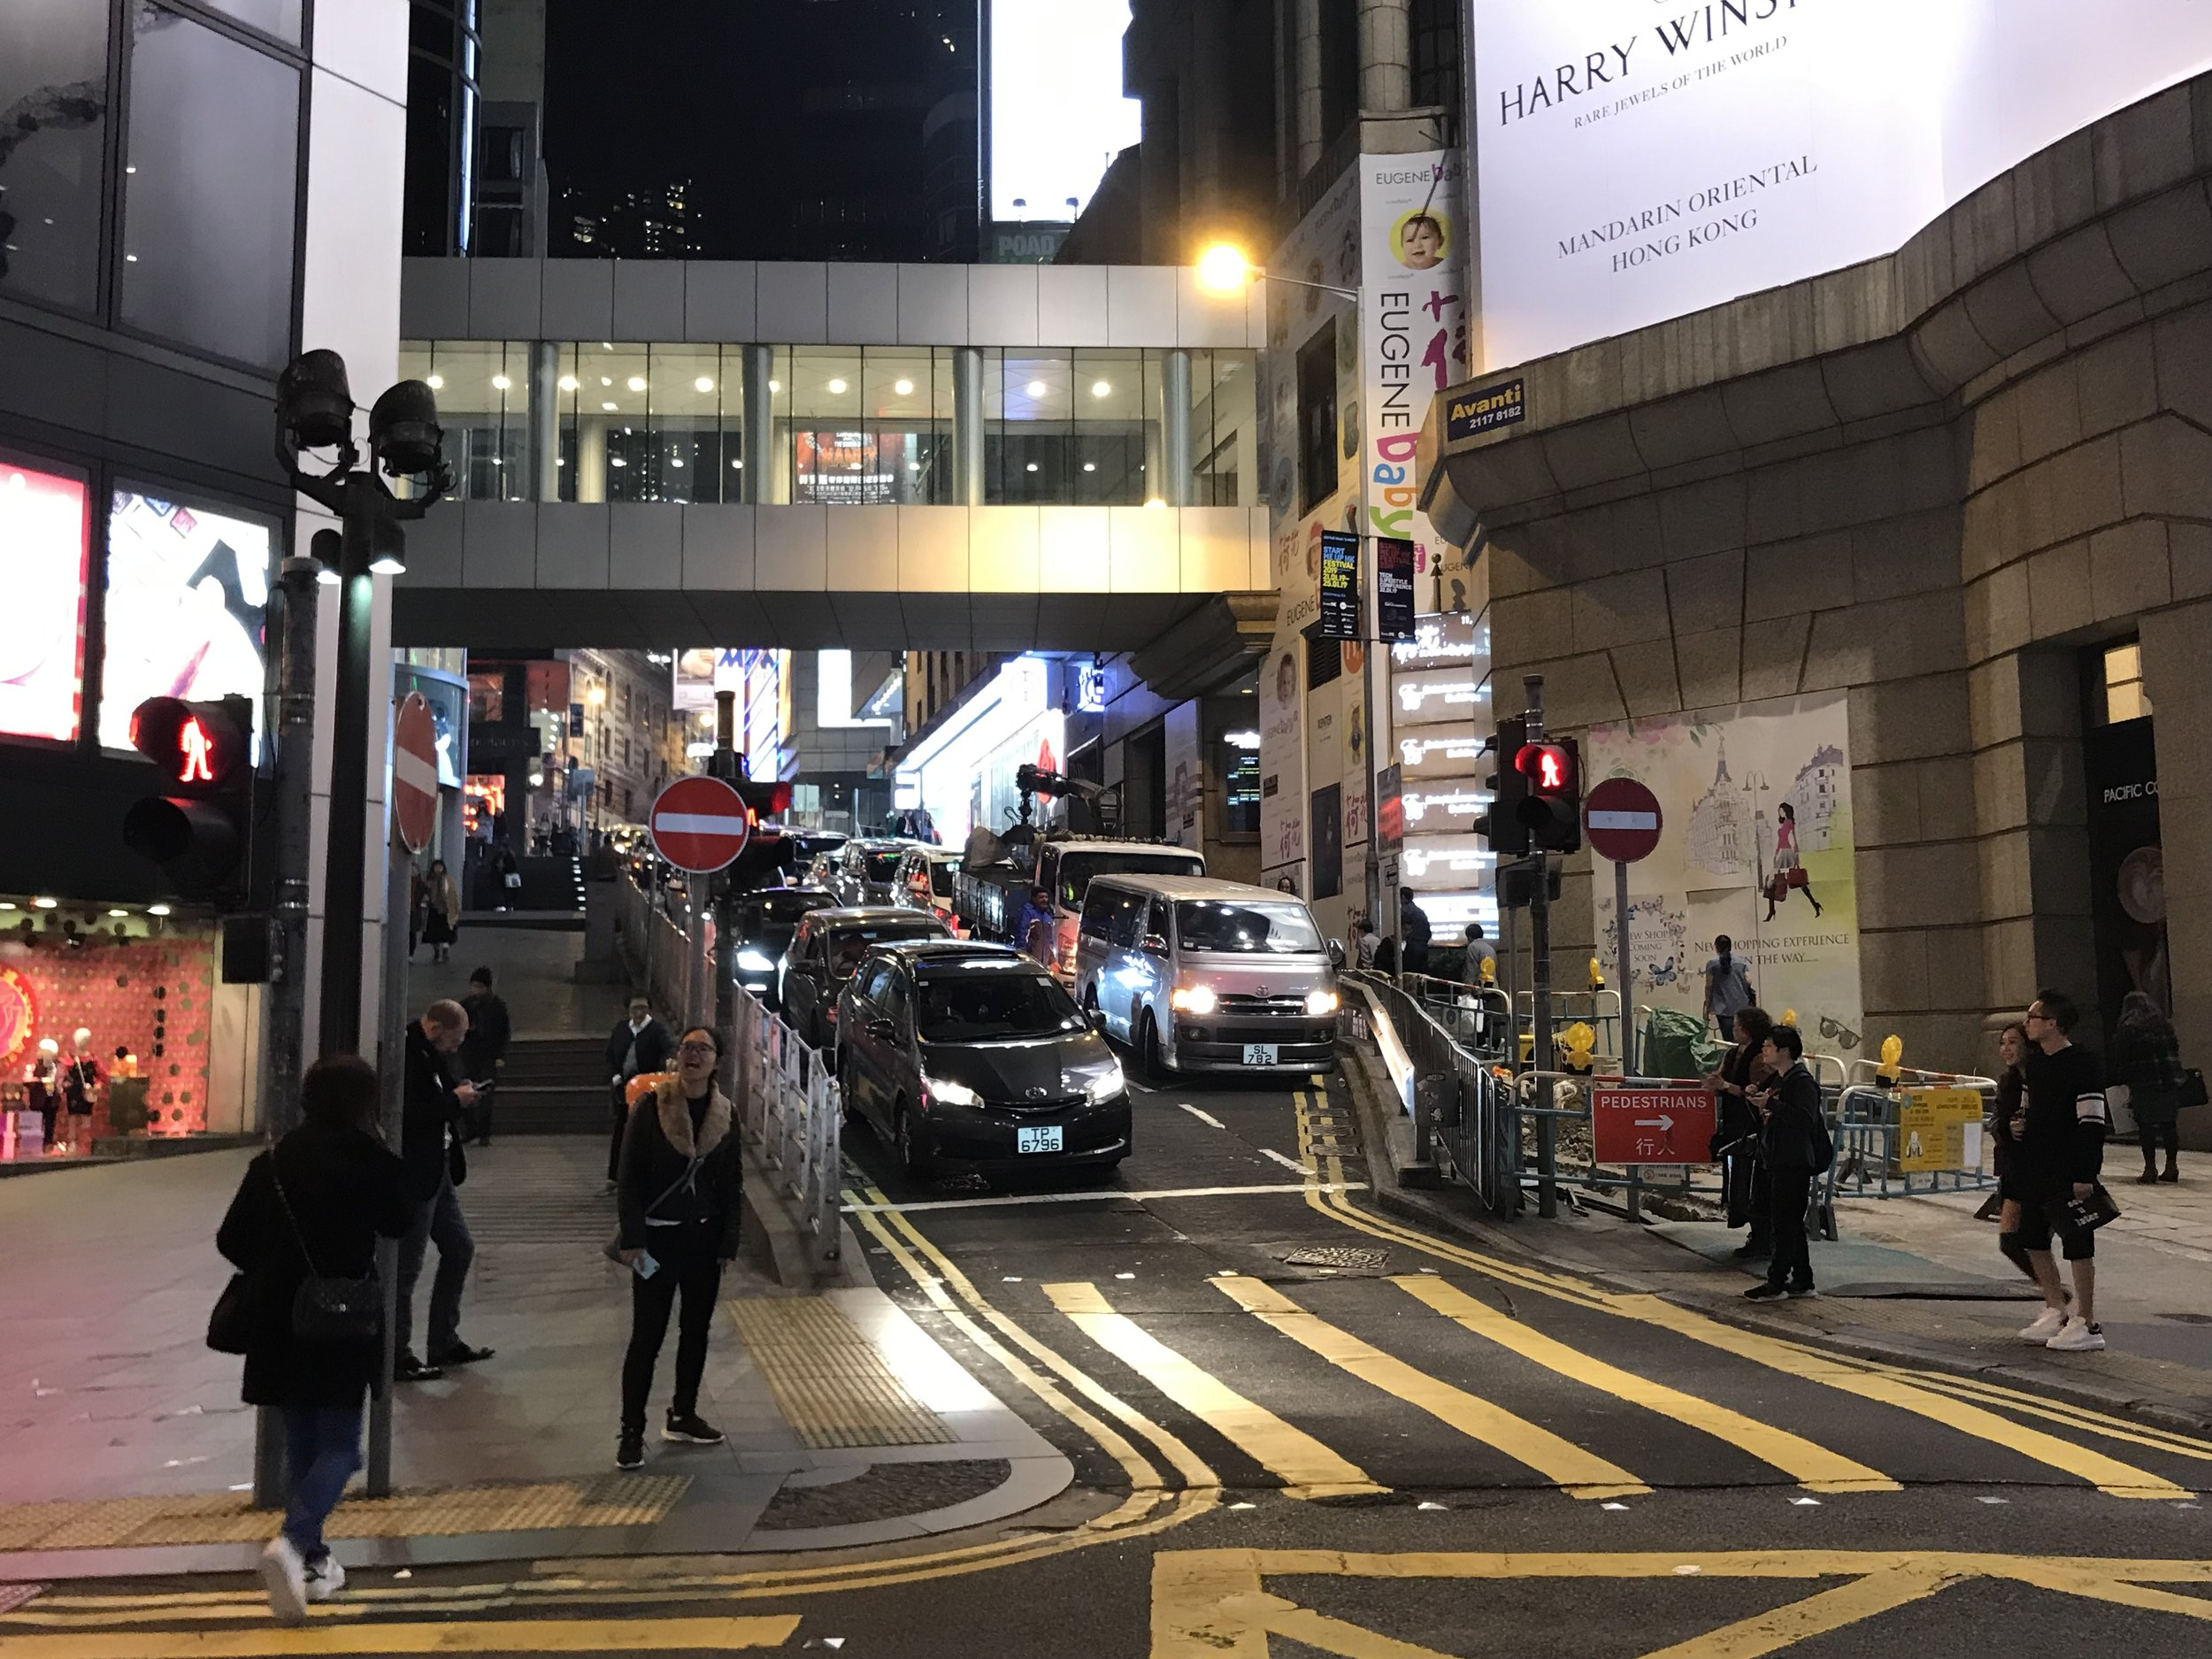 Một con đường băng ngang trên phố đảo Hong Kong với xe cộ lưu thông qua lại.